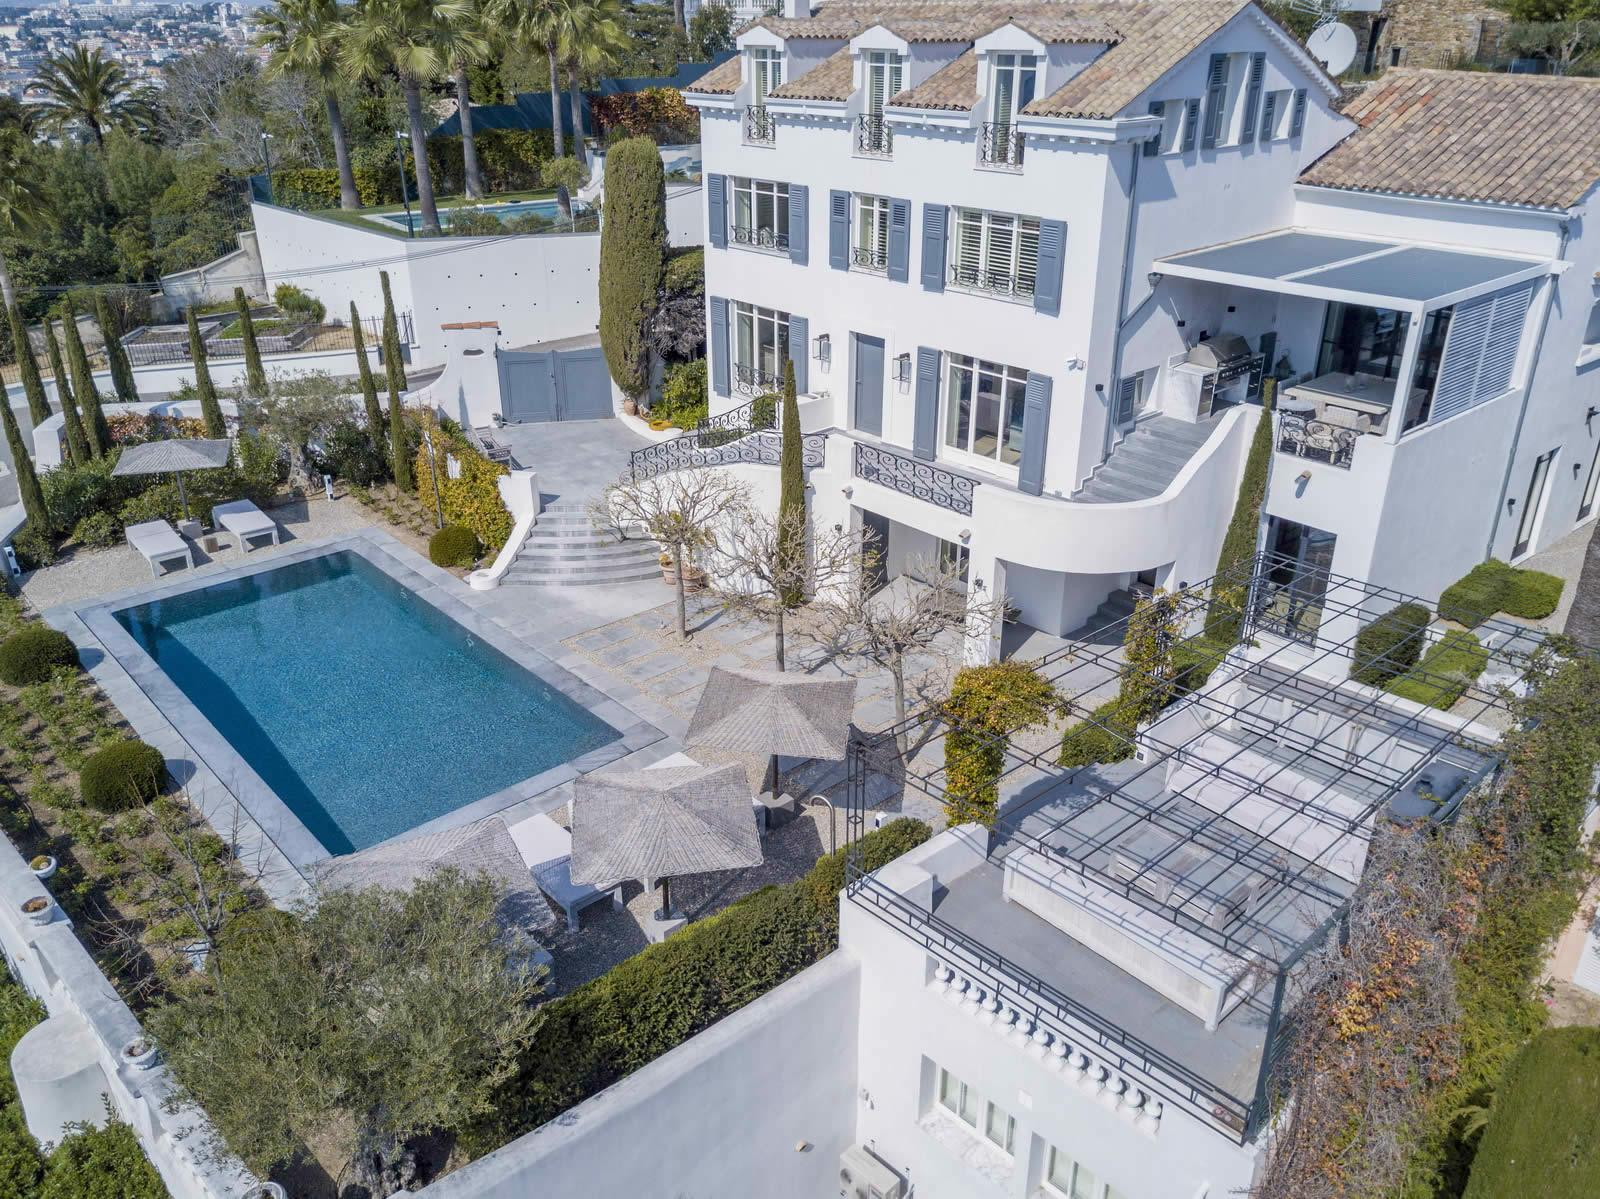 Maison de luxe a louer belgique segu maison for Villa louer vacances